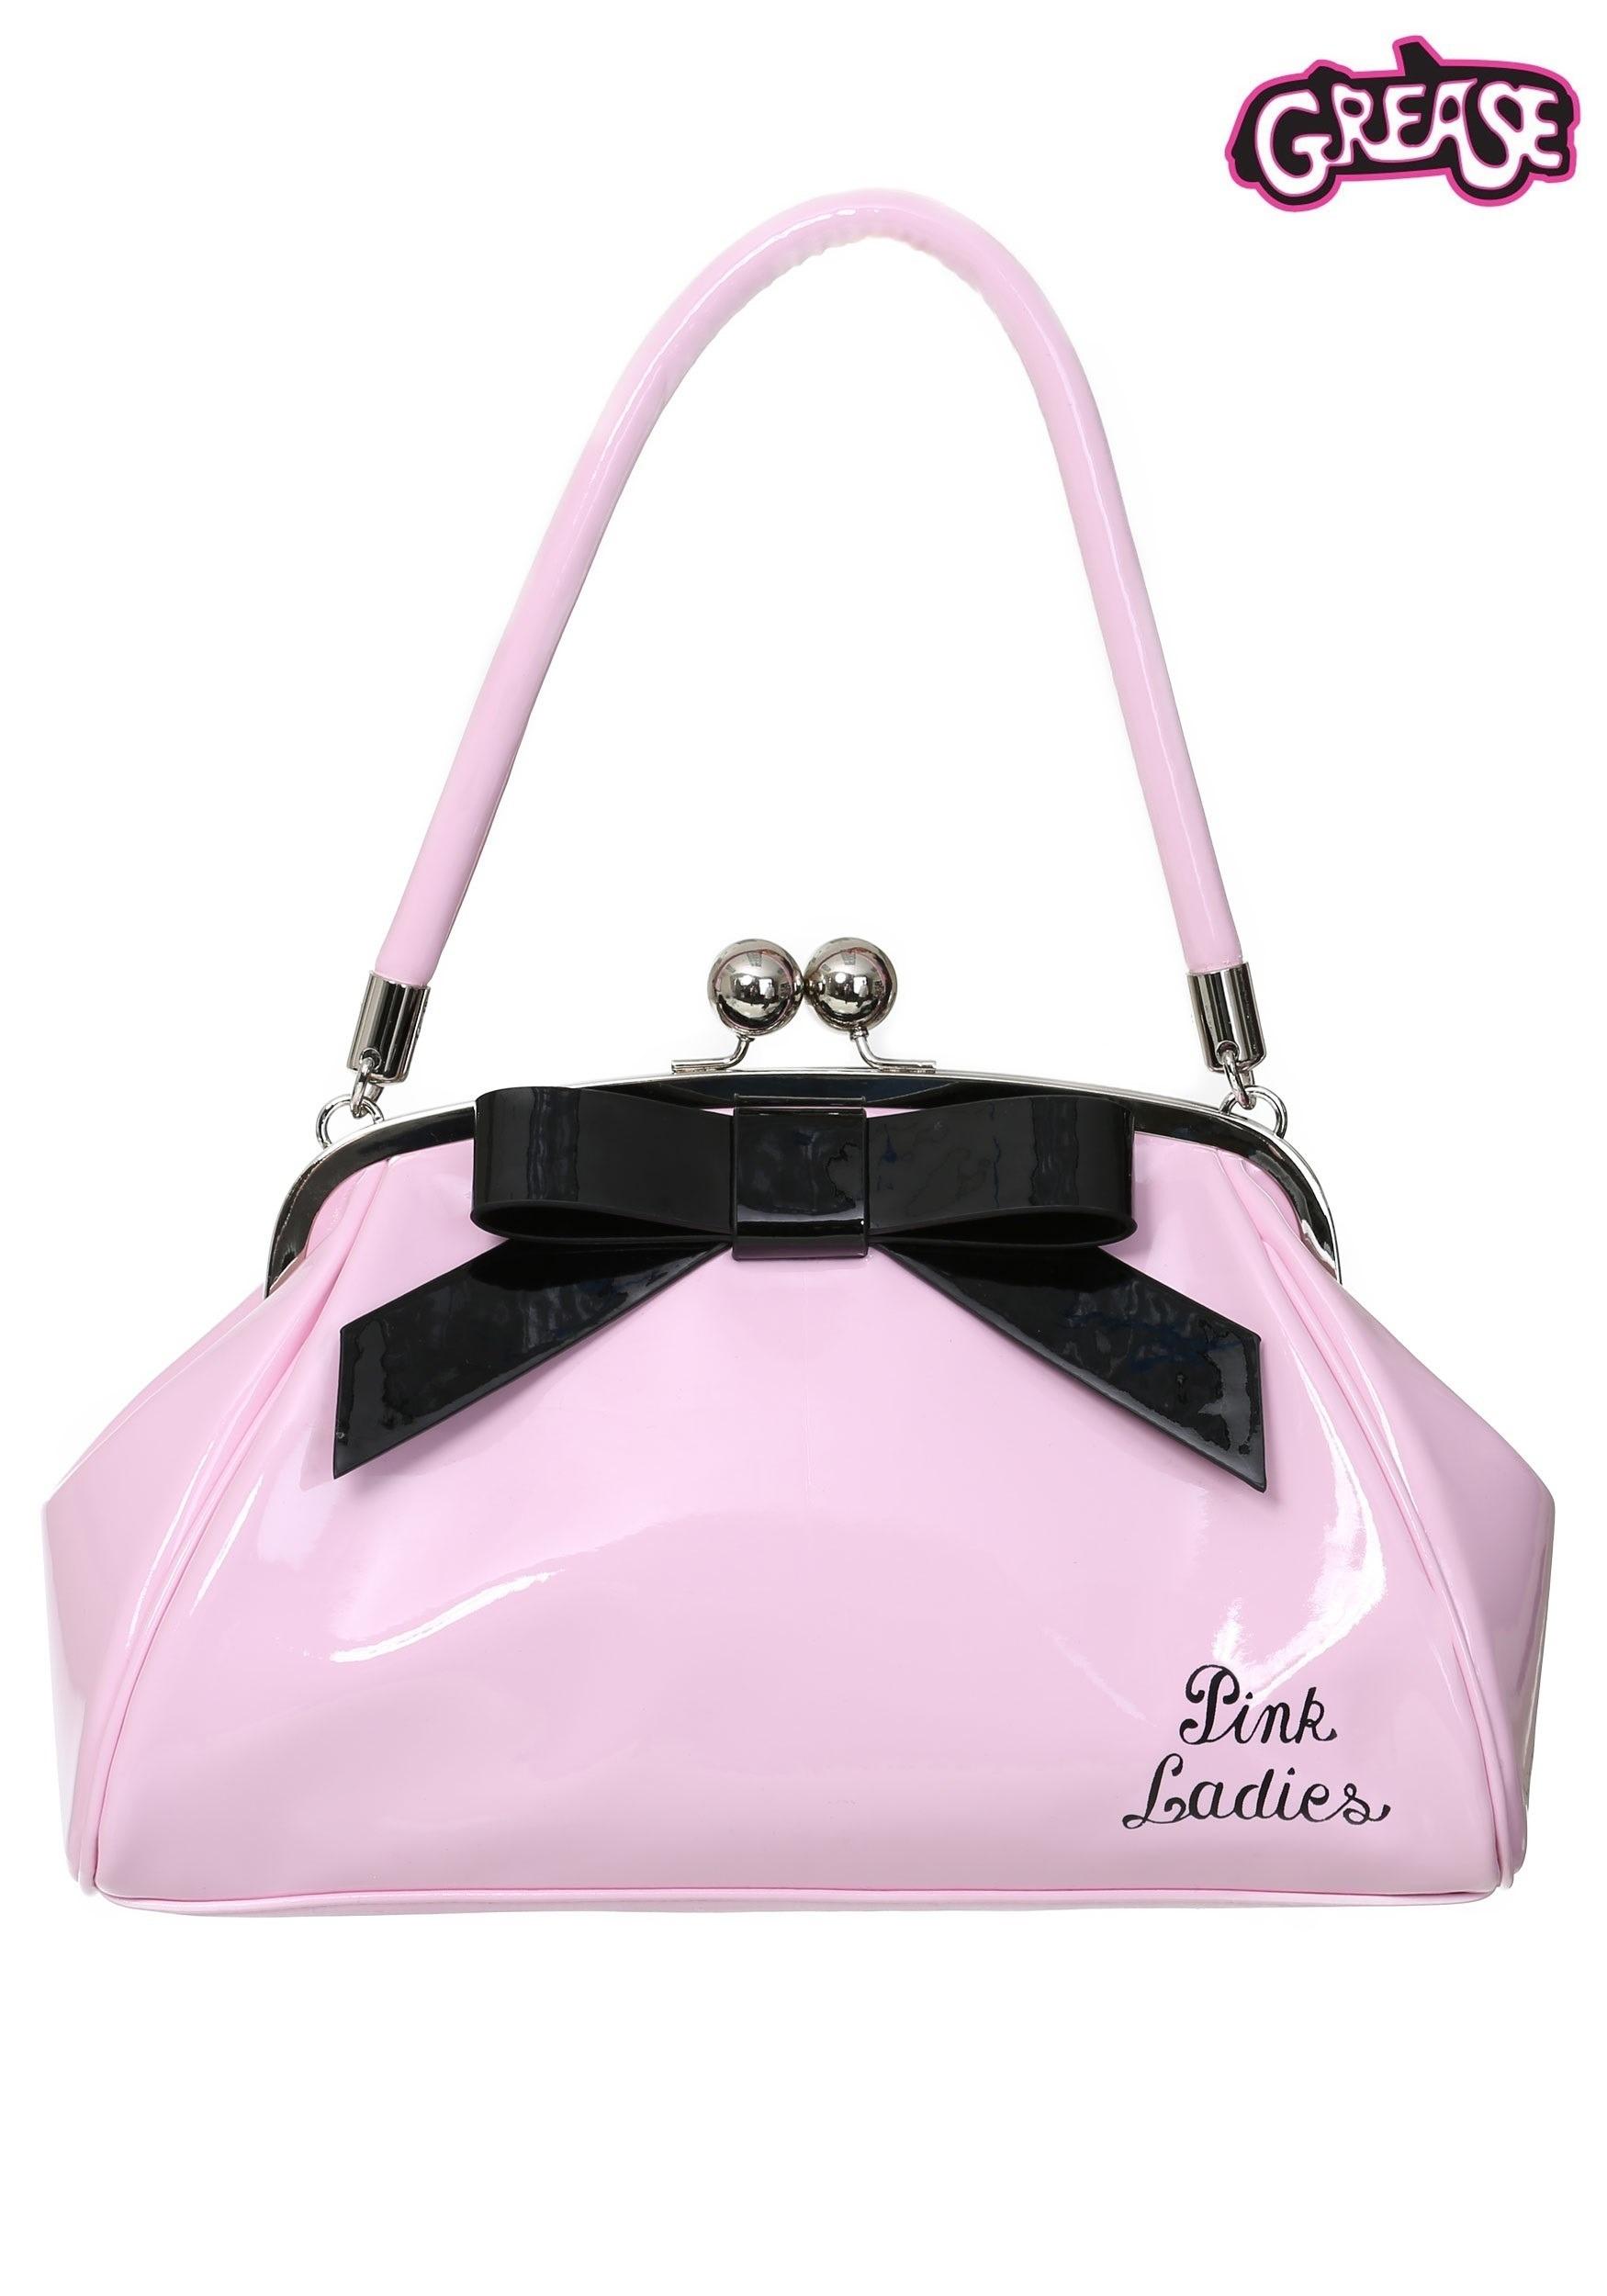 490efb286a4 pink-ladies-purse.jpg